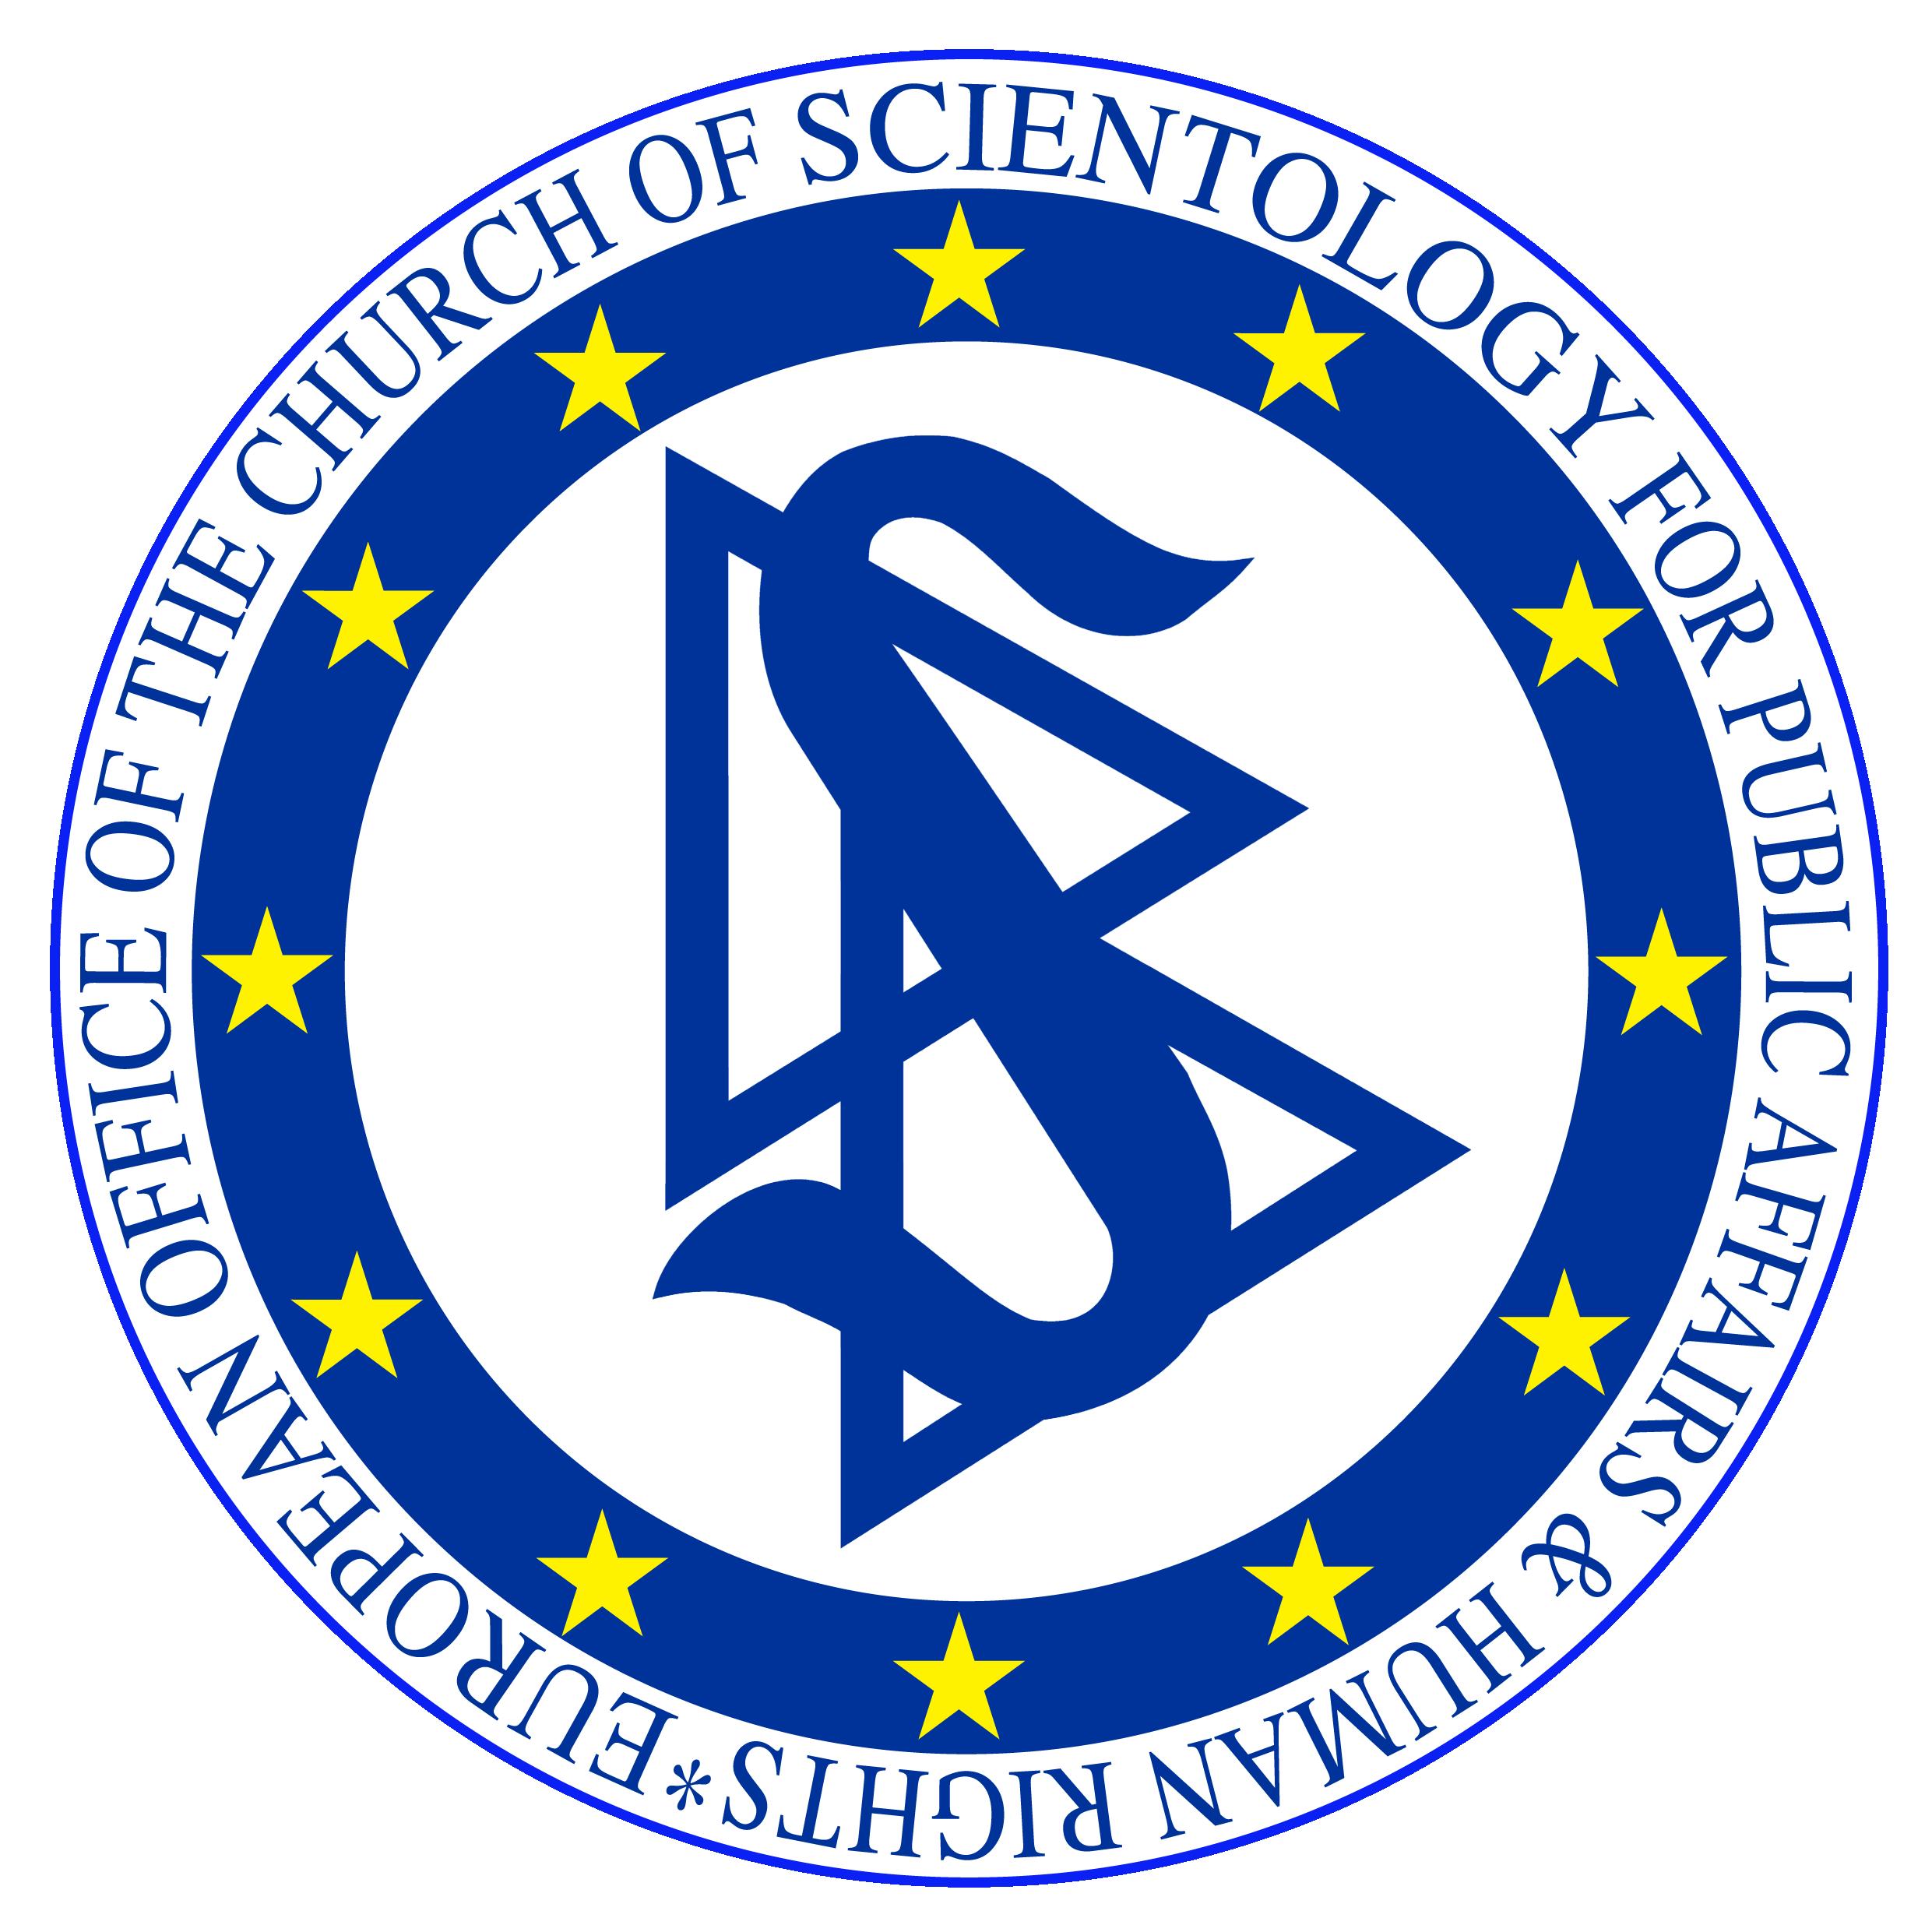 www.europeanaffairs.eu